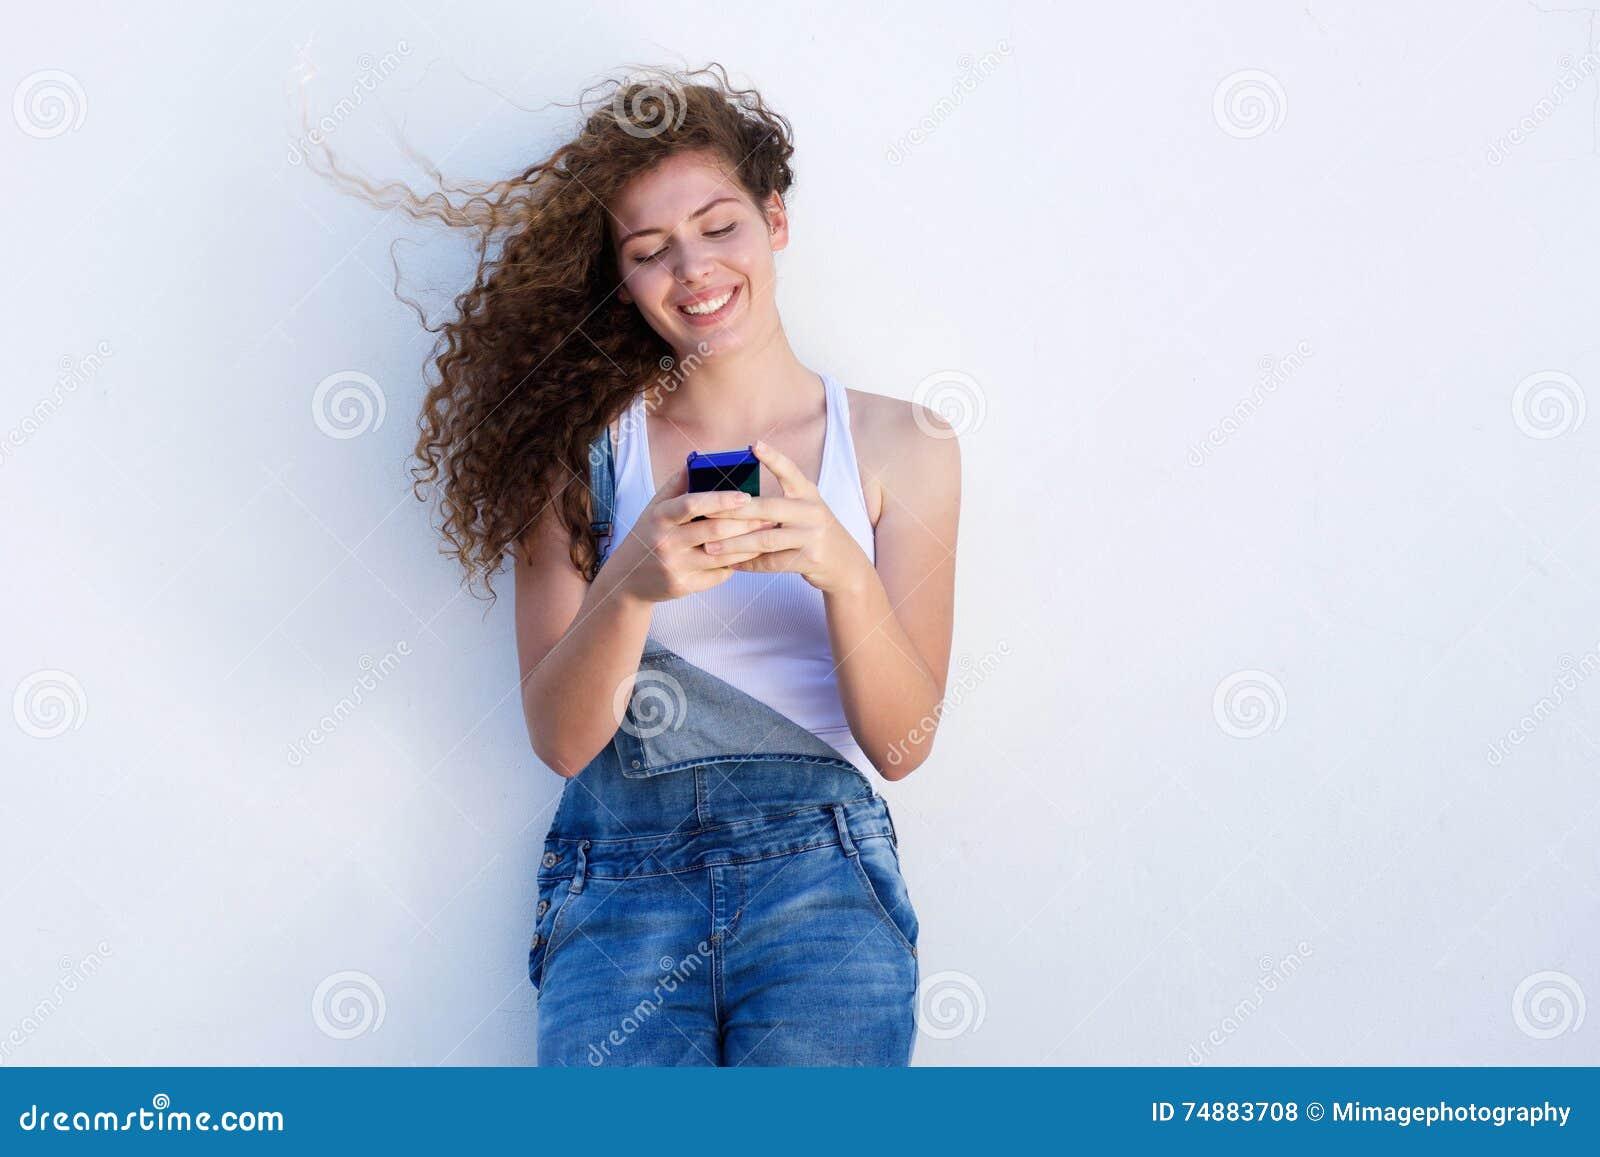 Telefone celular guardando adolescente feliz e sorriso com sopro do cabelo